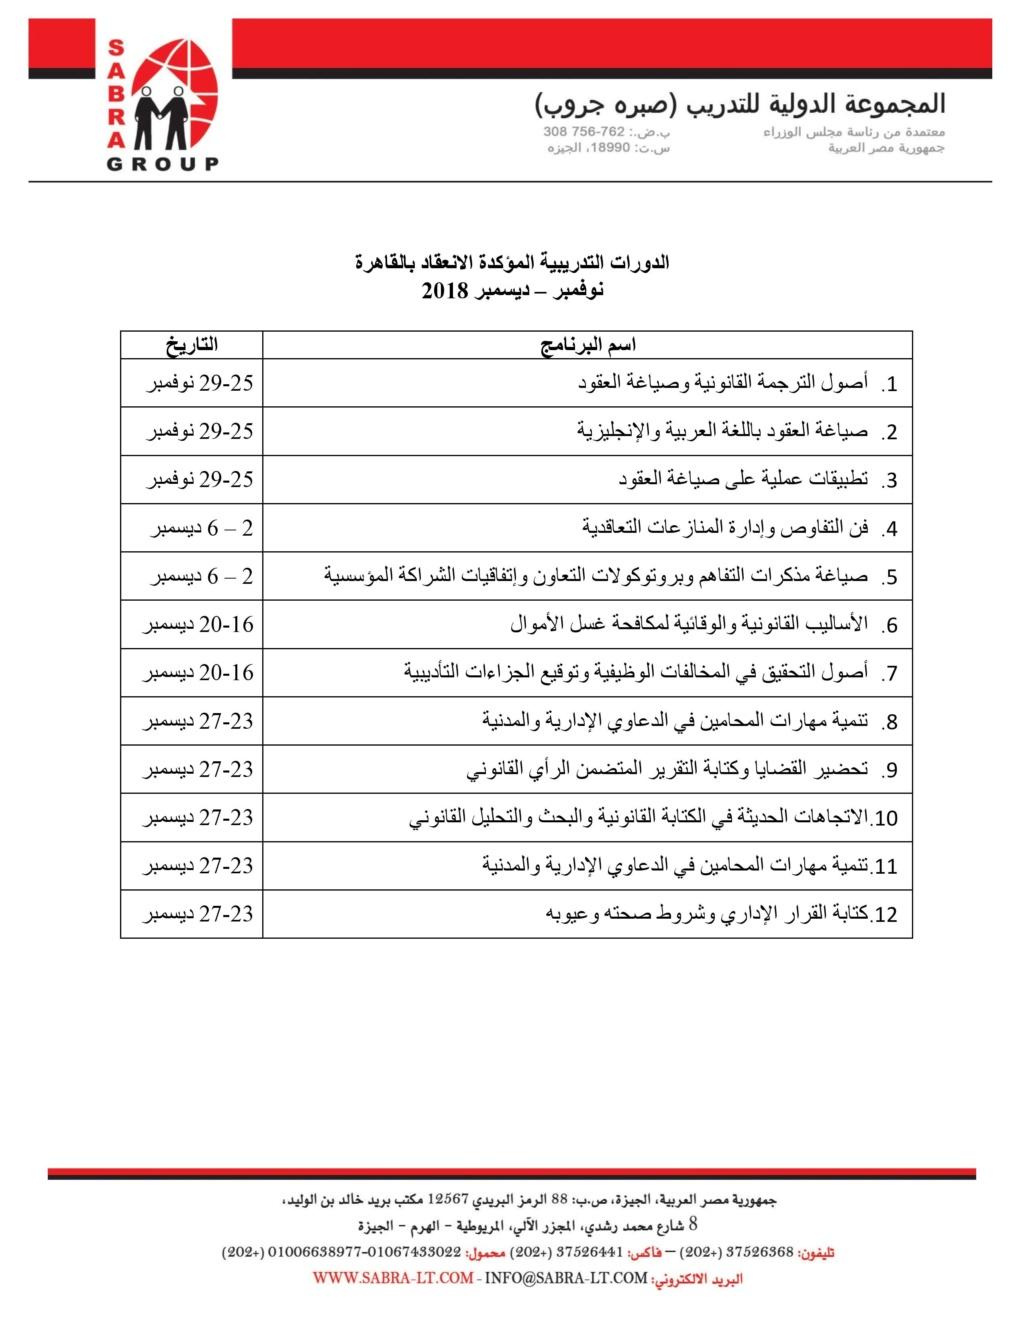 الدورات مؤكدة الانعقاد في القاهرة خلال شهري نوفمبر- ديسمبر Cio_aa13